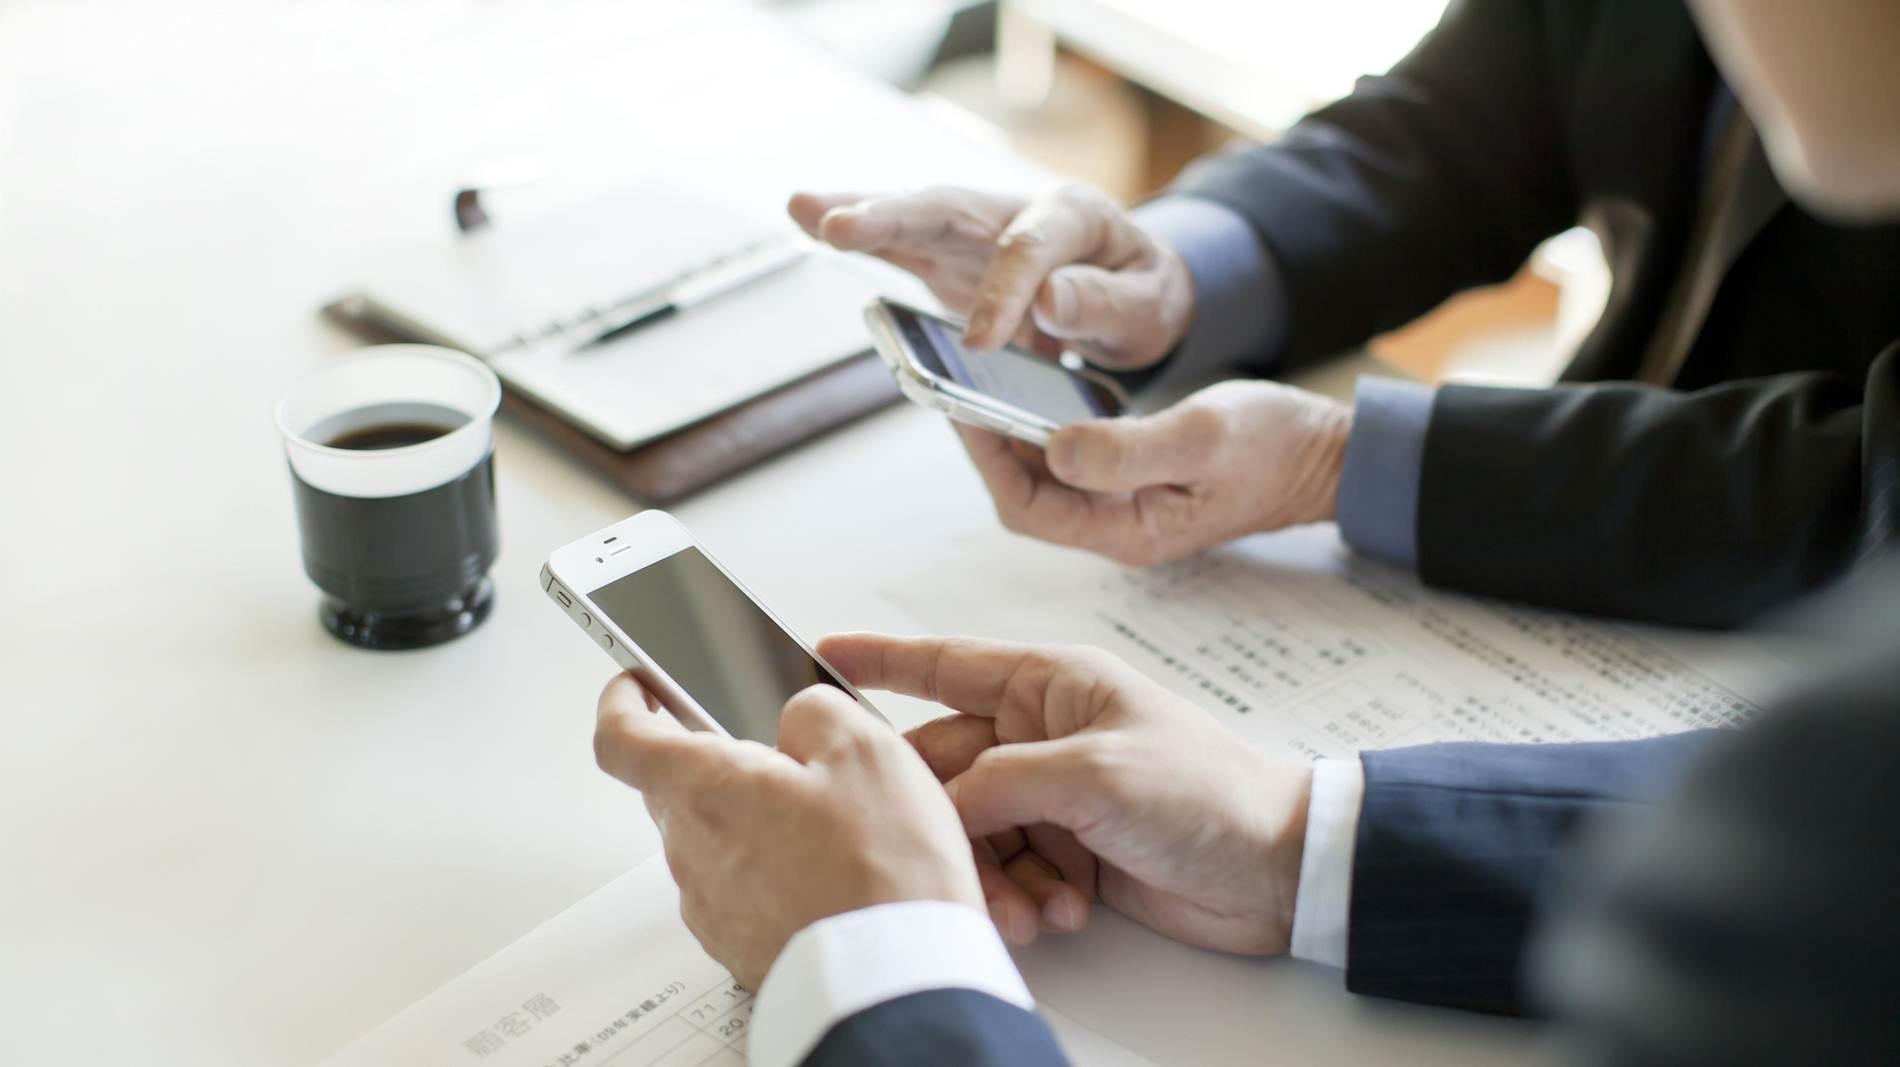 Регистрация ООО с иностранным учредителем юридическим лицом, документы